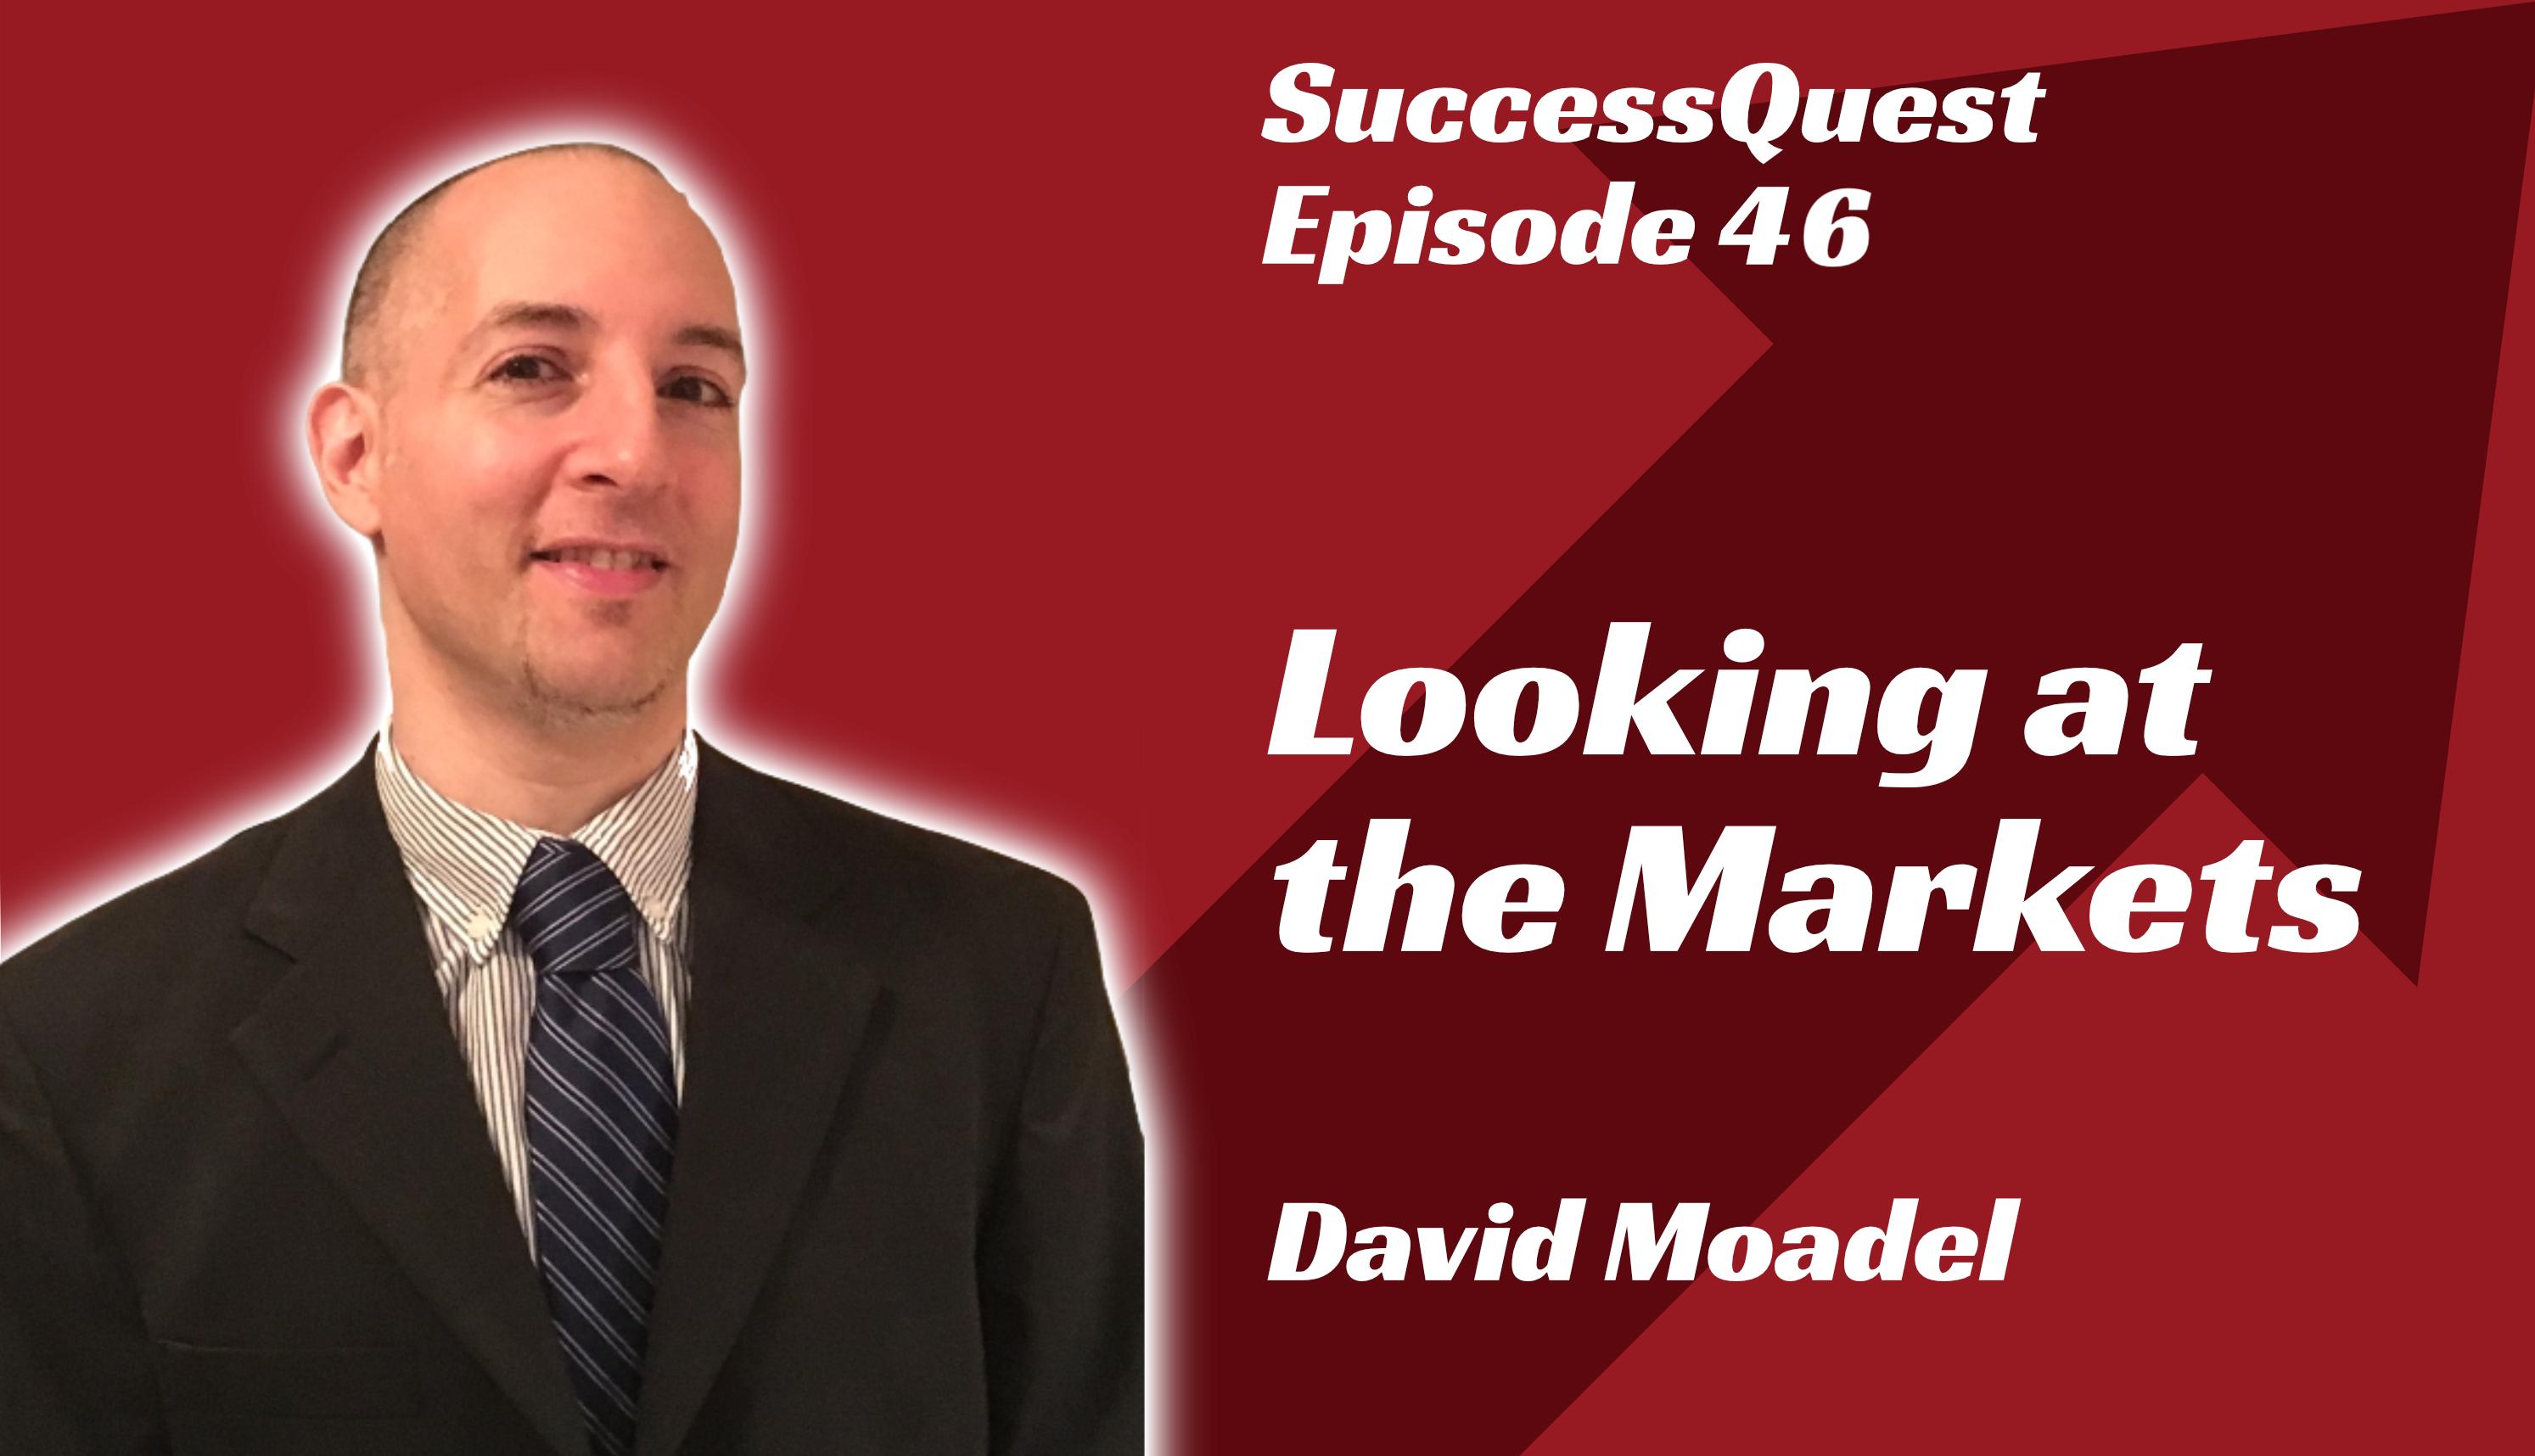 David Moadel Looking at the Markets SuccessQuest